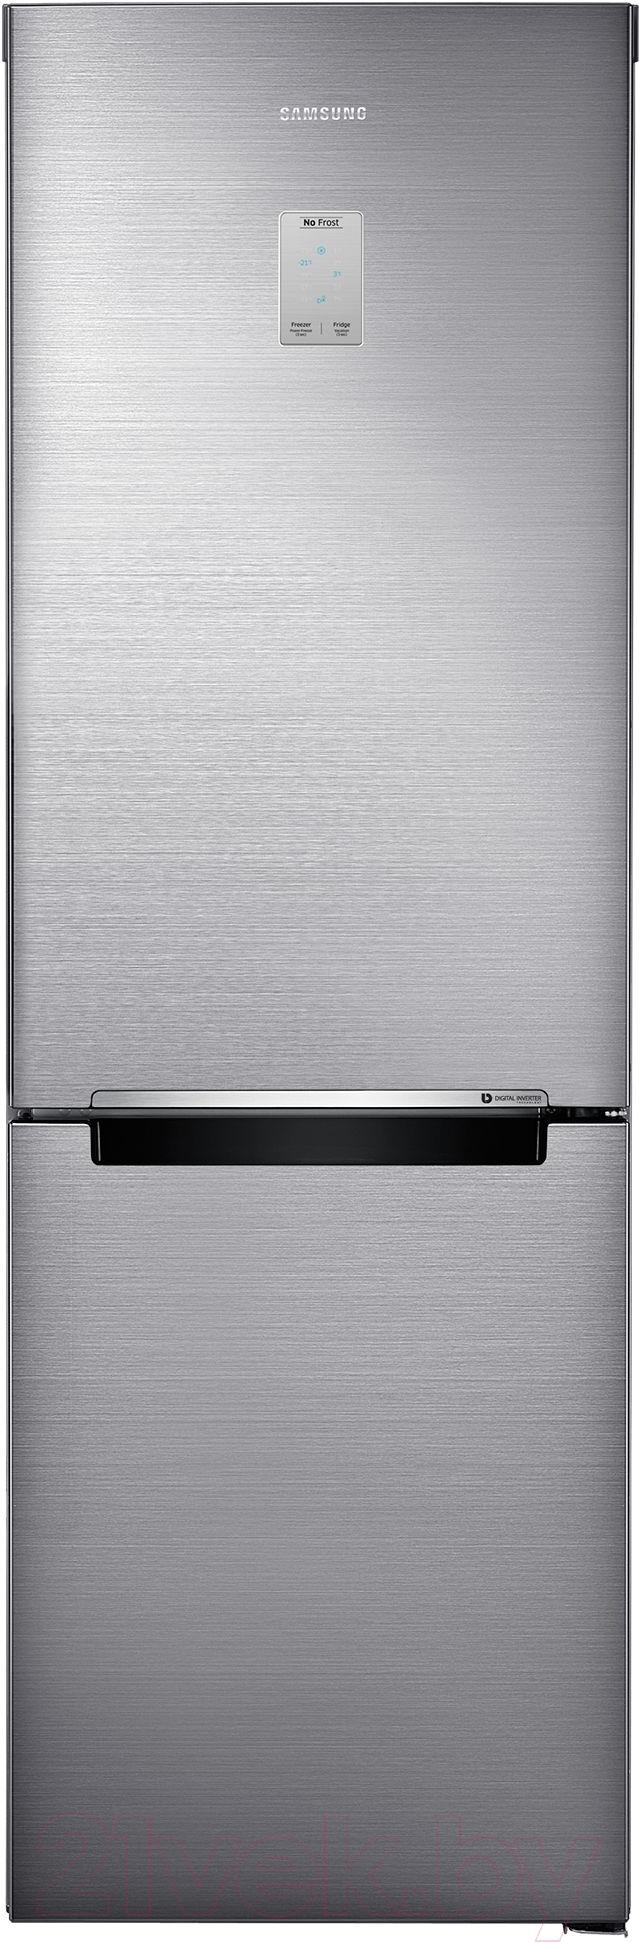 Купить Холодильник с морозильником Samsung, RB33J3420SS/WT, Польша